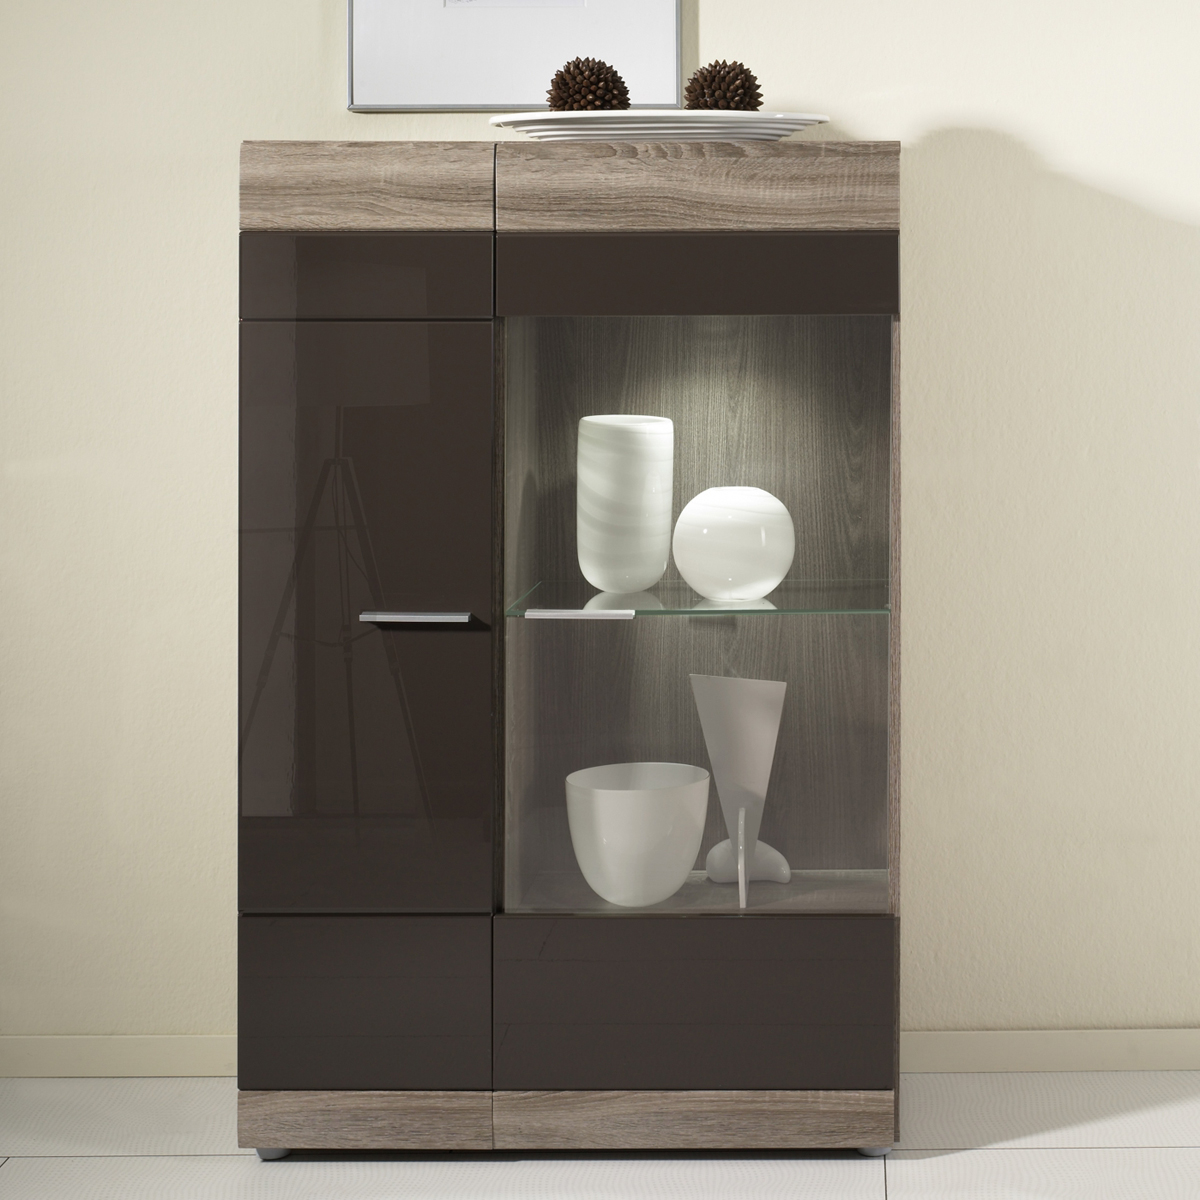 vitrine links carero wohnzimmer schrank eiche sonoma dunkel braun hochglanz ebay. Black Bedroom Furniture Sets. Home Design Ideas